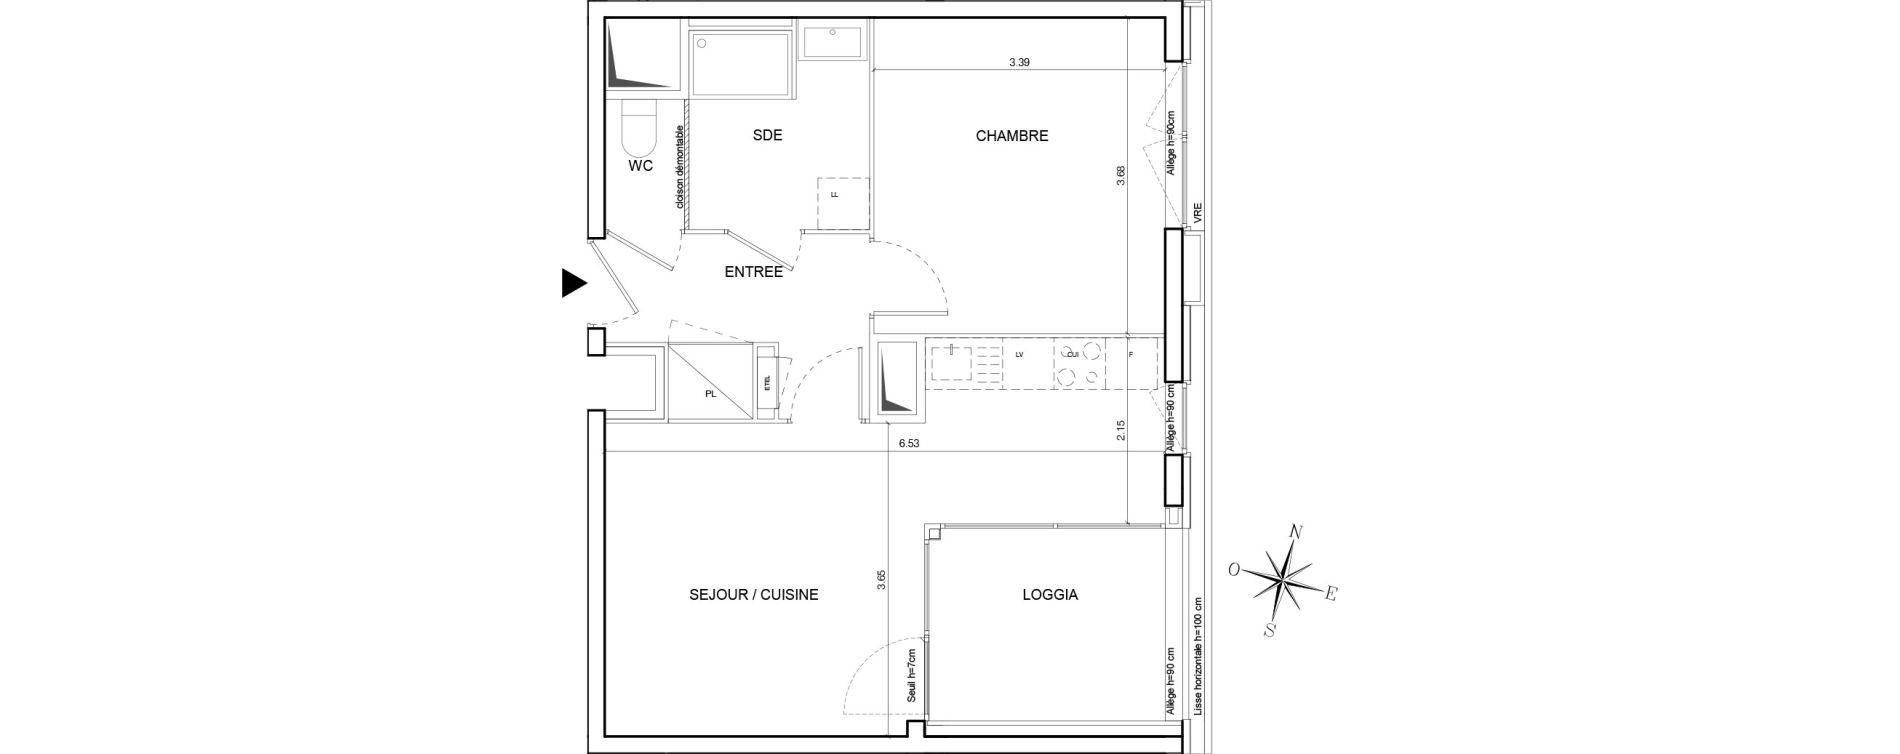 Appartement T2 de 44,00 m2 à Nantes Euronantes